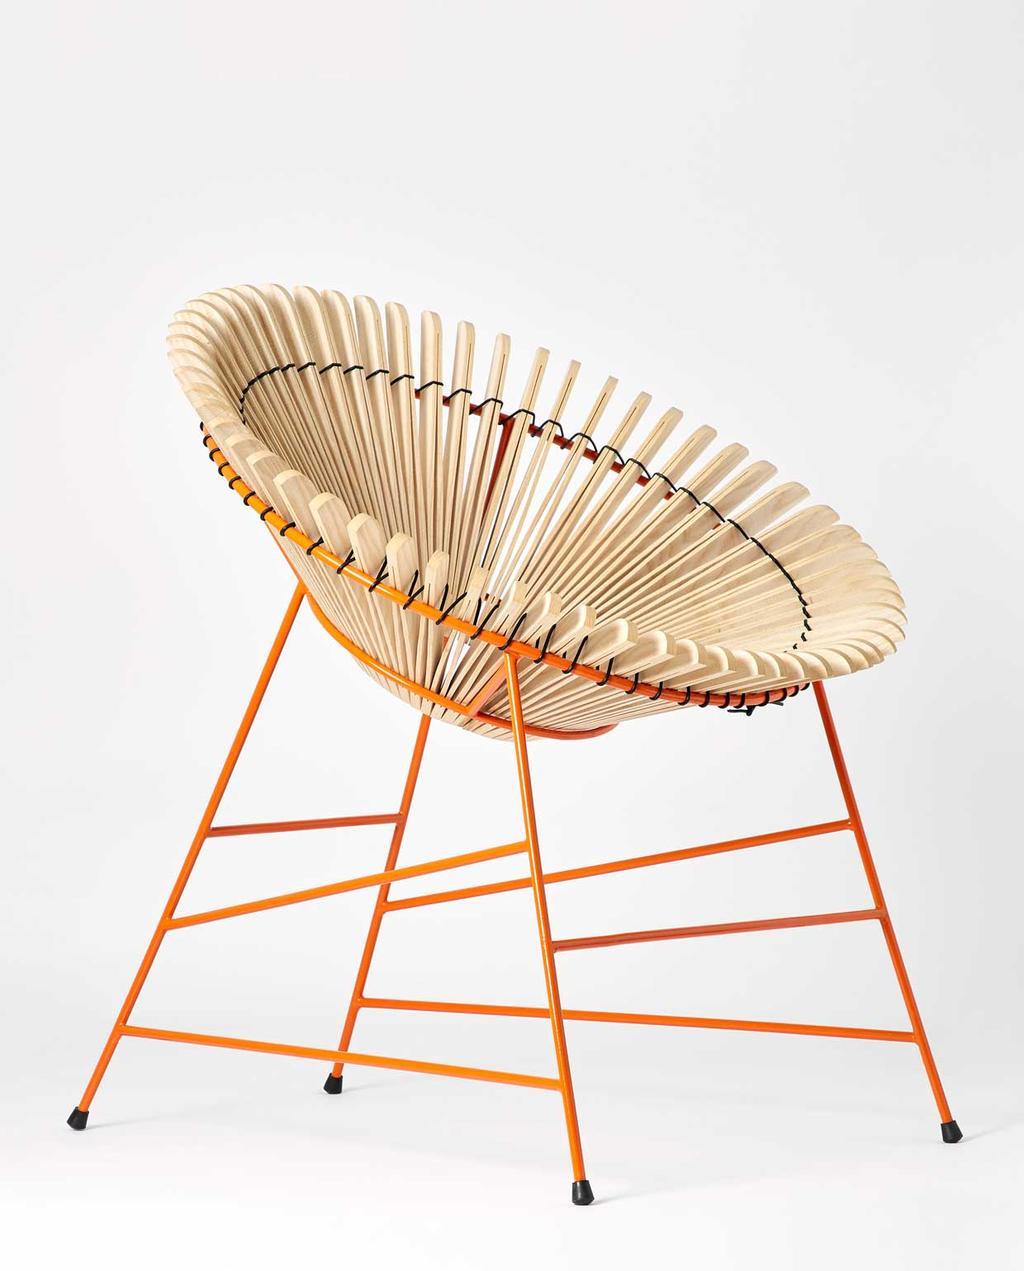 vtwonen | studentdesign | concertina-collectie | Huw Evans | stoel van hout